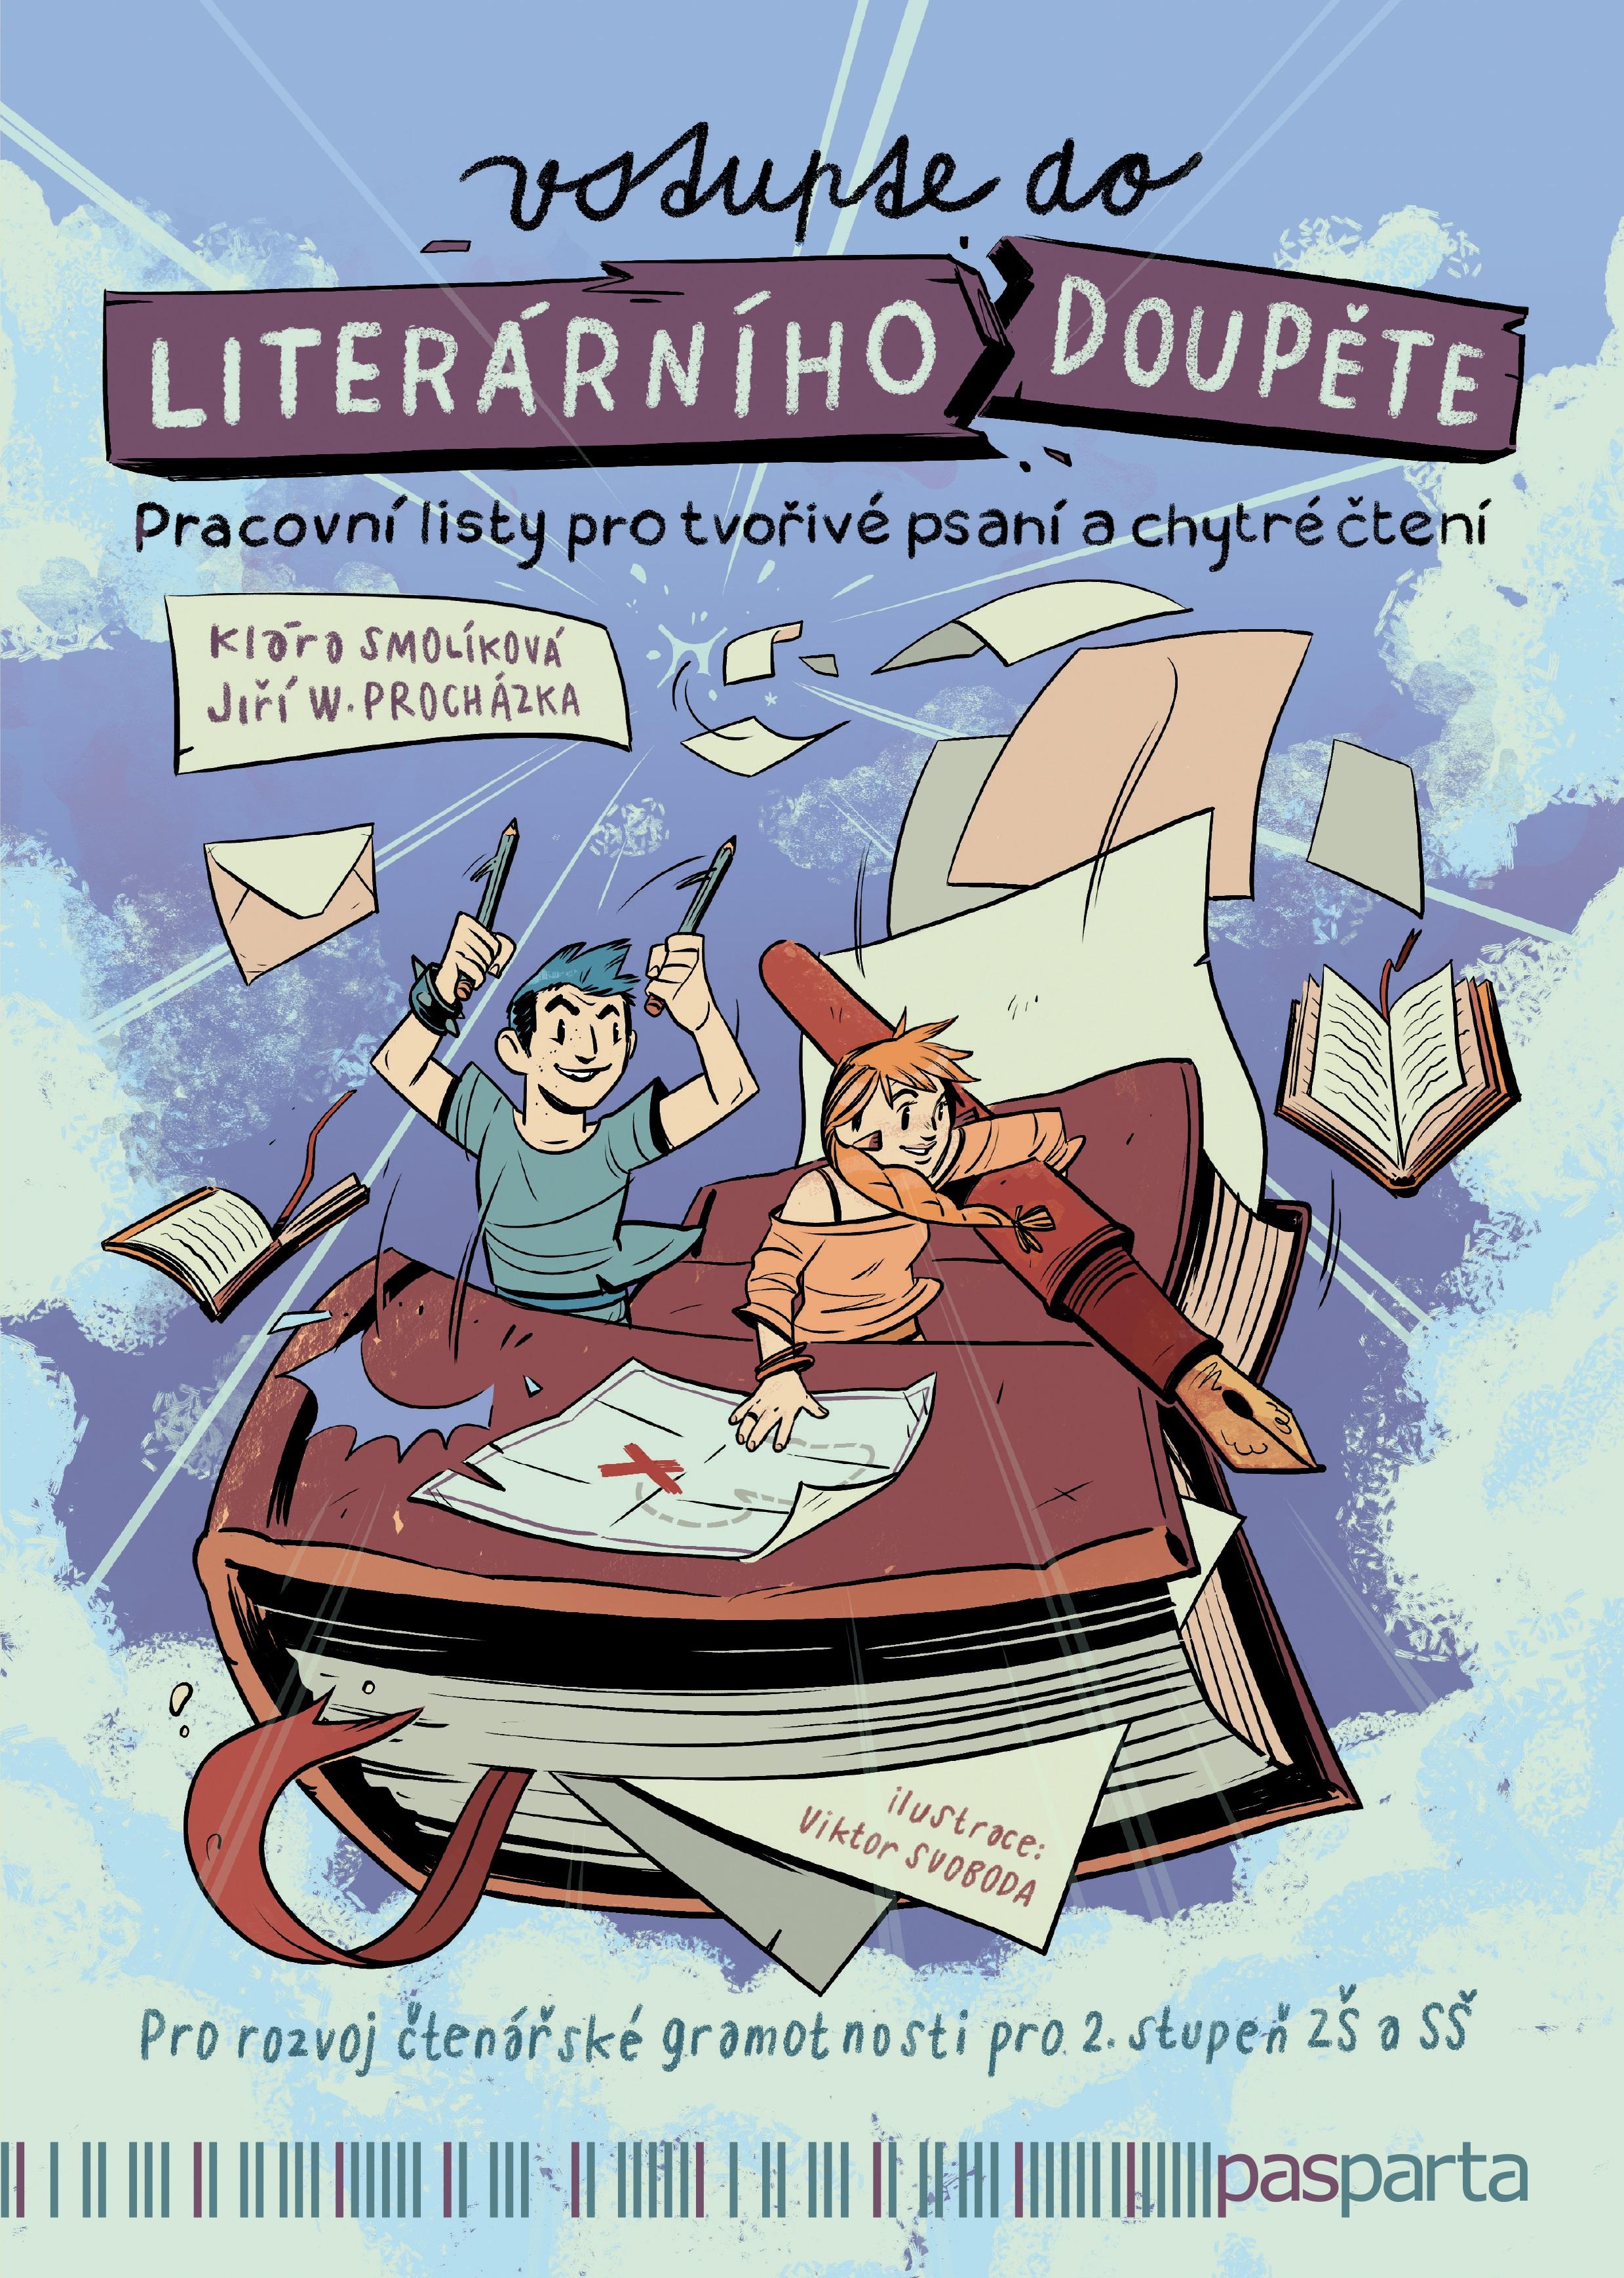 Vstupte do literárního doupěte - Pracovní listy pro tvořivé psaní a chytré čtení